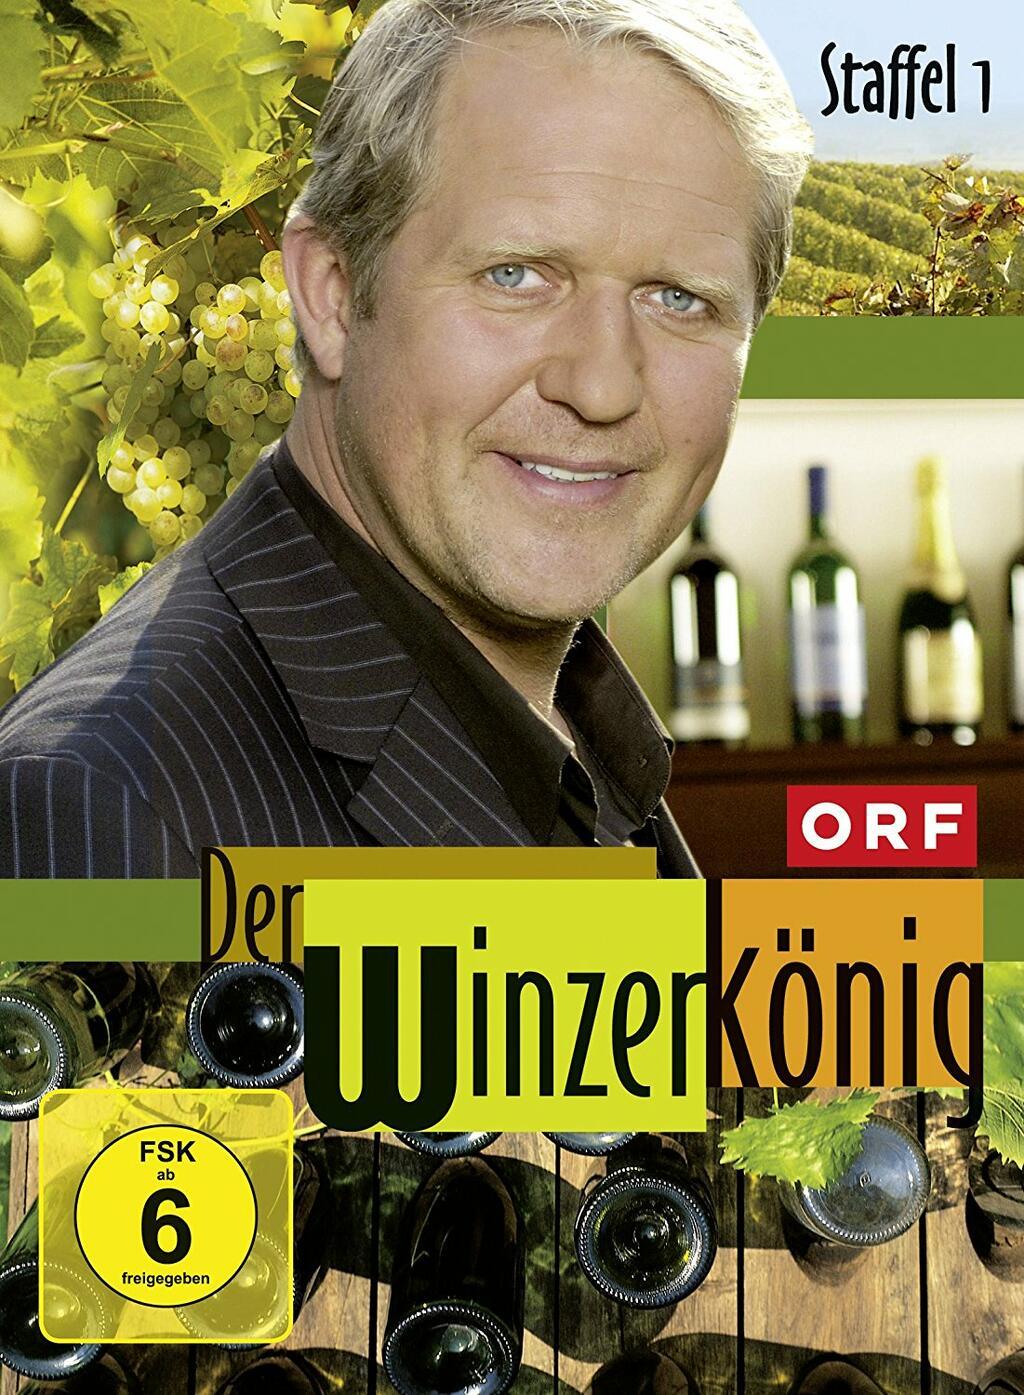 Der Winzerkönig